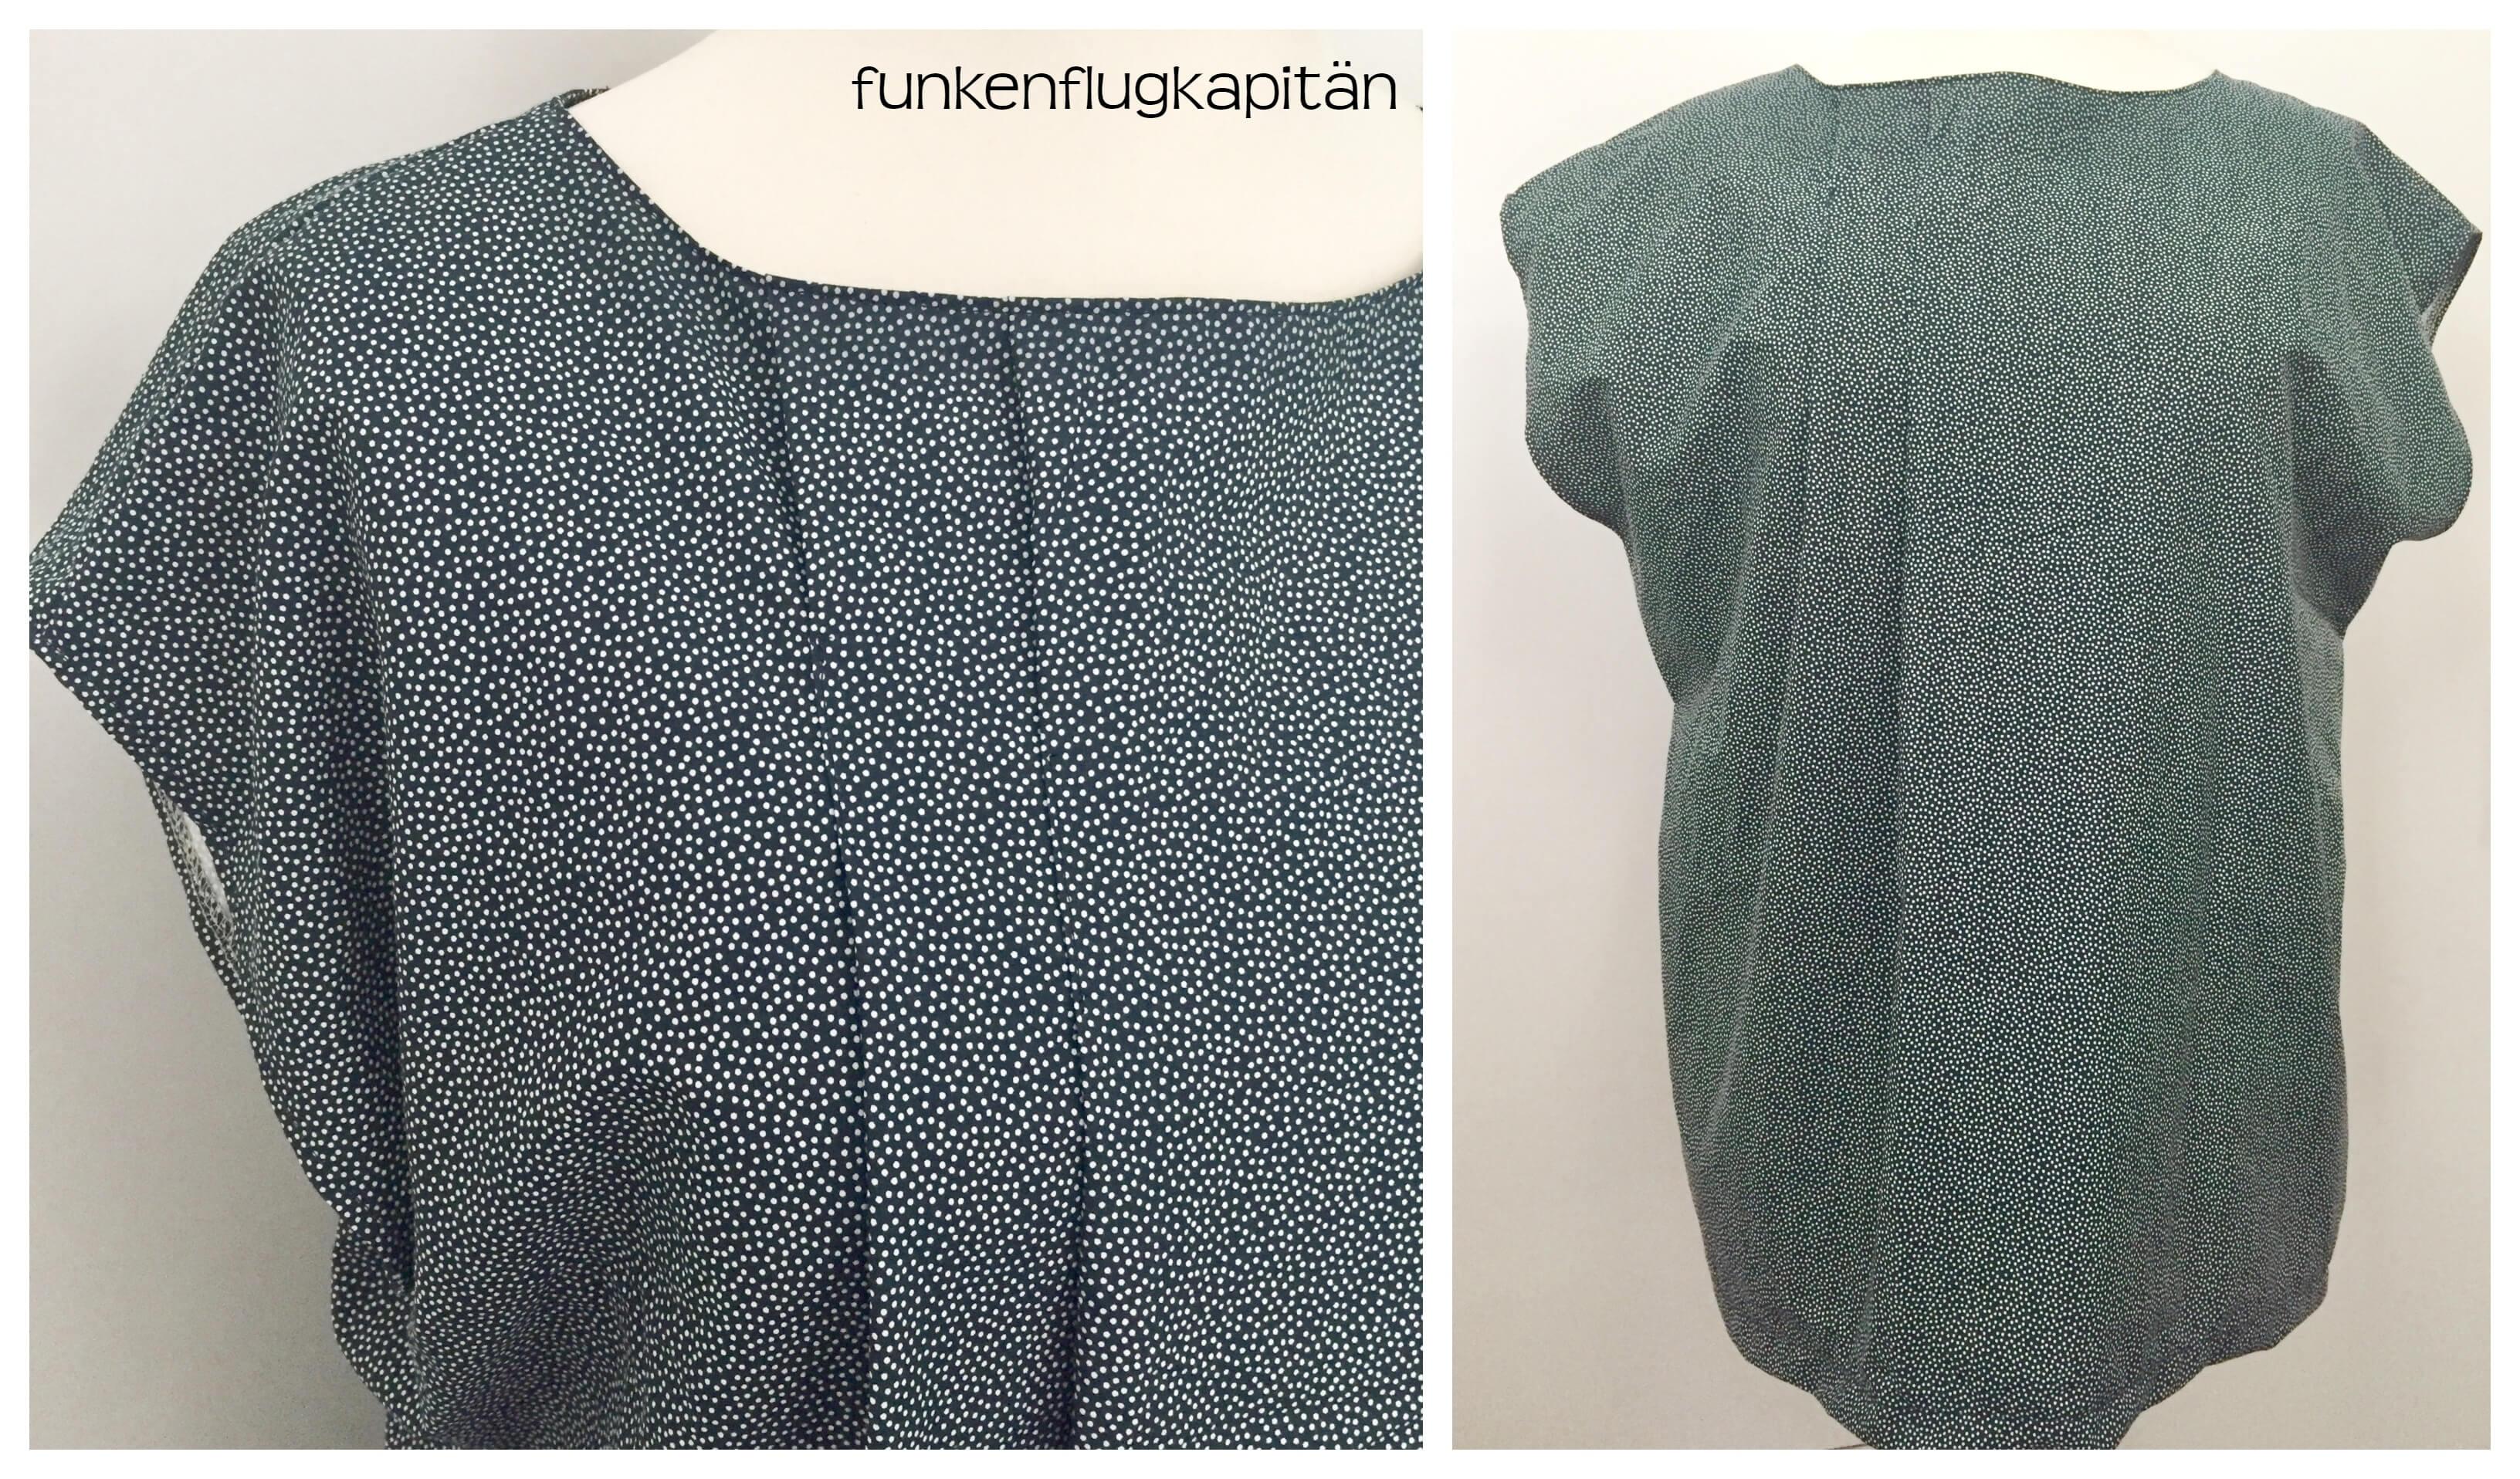 neues Blusen Schnittmuster von Schnittquelle ausprobiert